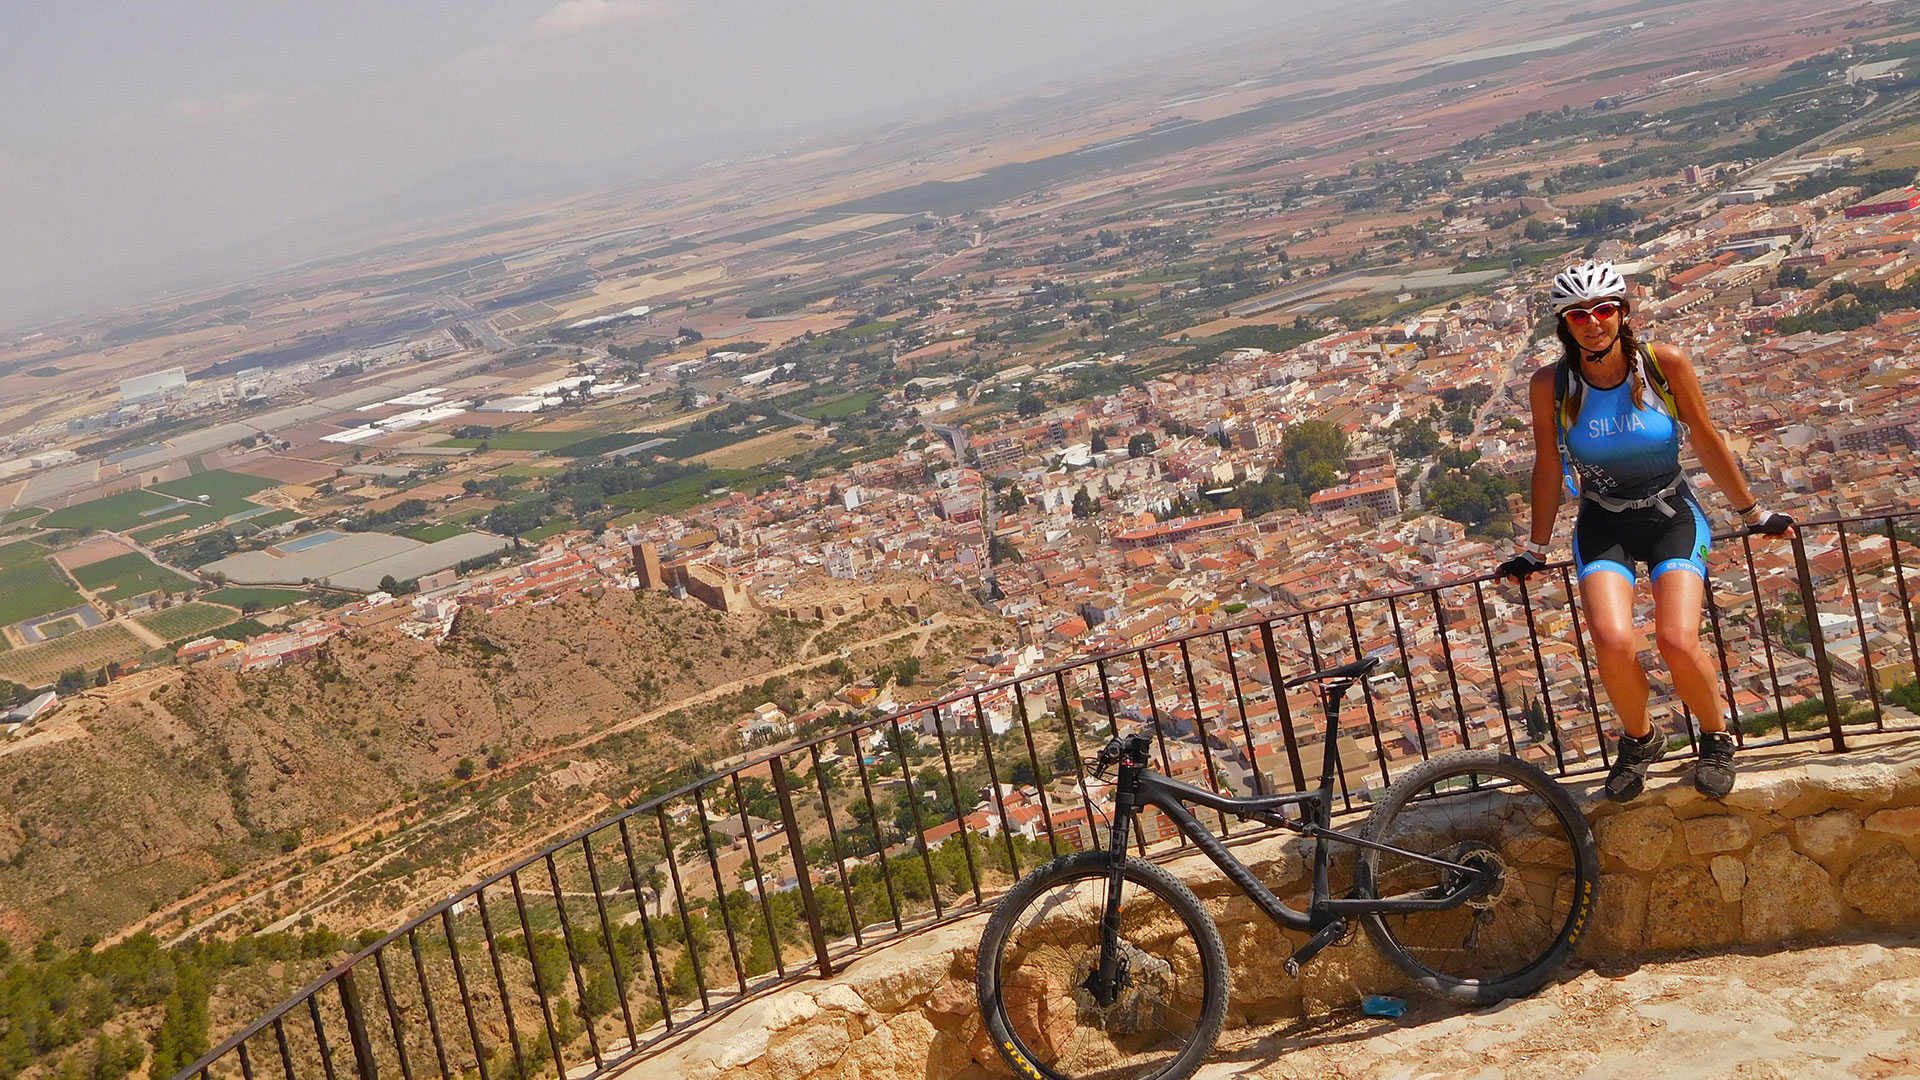 Embalse de la Rambla de Algeciras